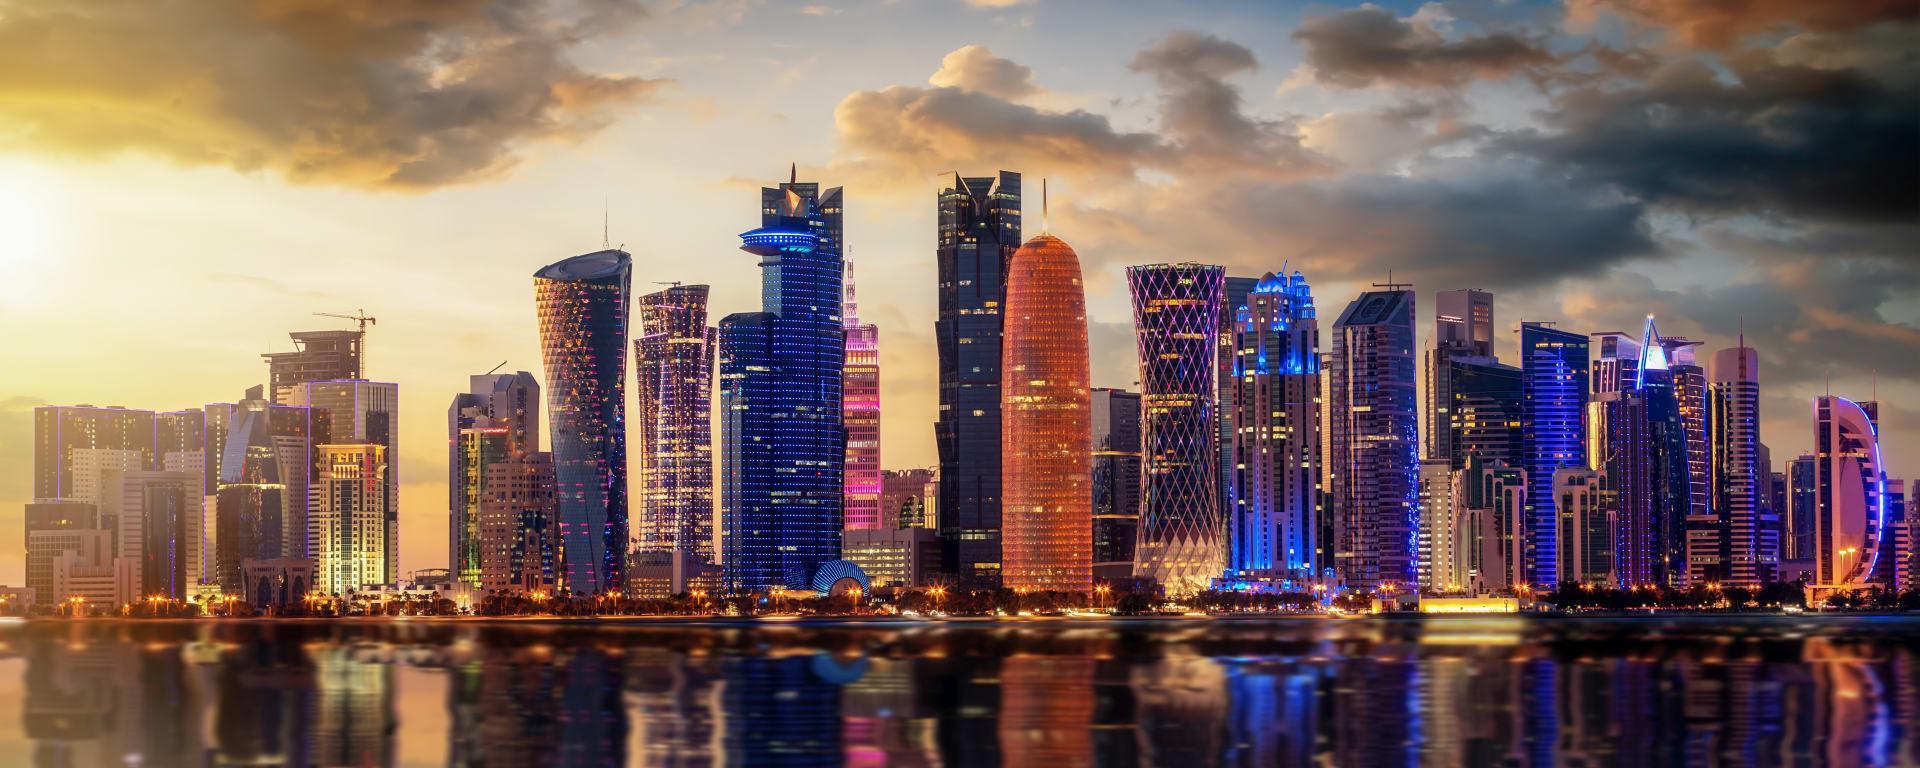 Qatar entdecken mit Tischler Reisen: Qatar Doha Skyline illuminiert